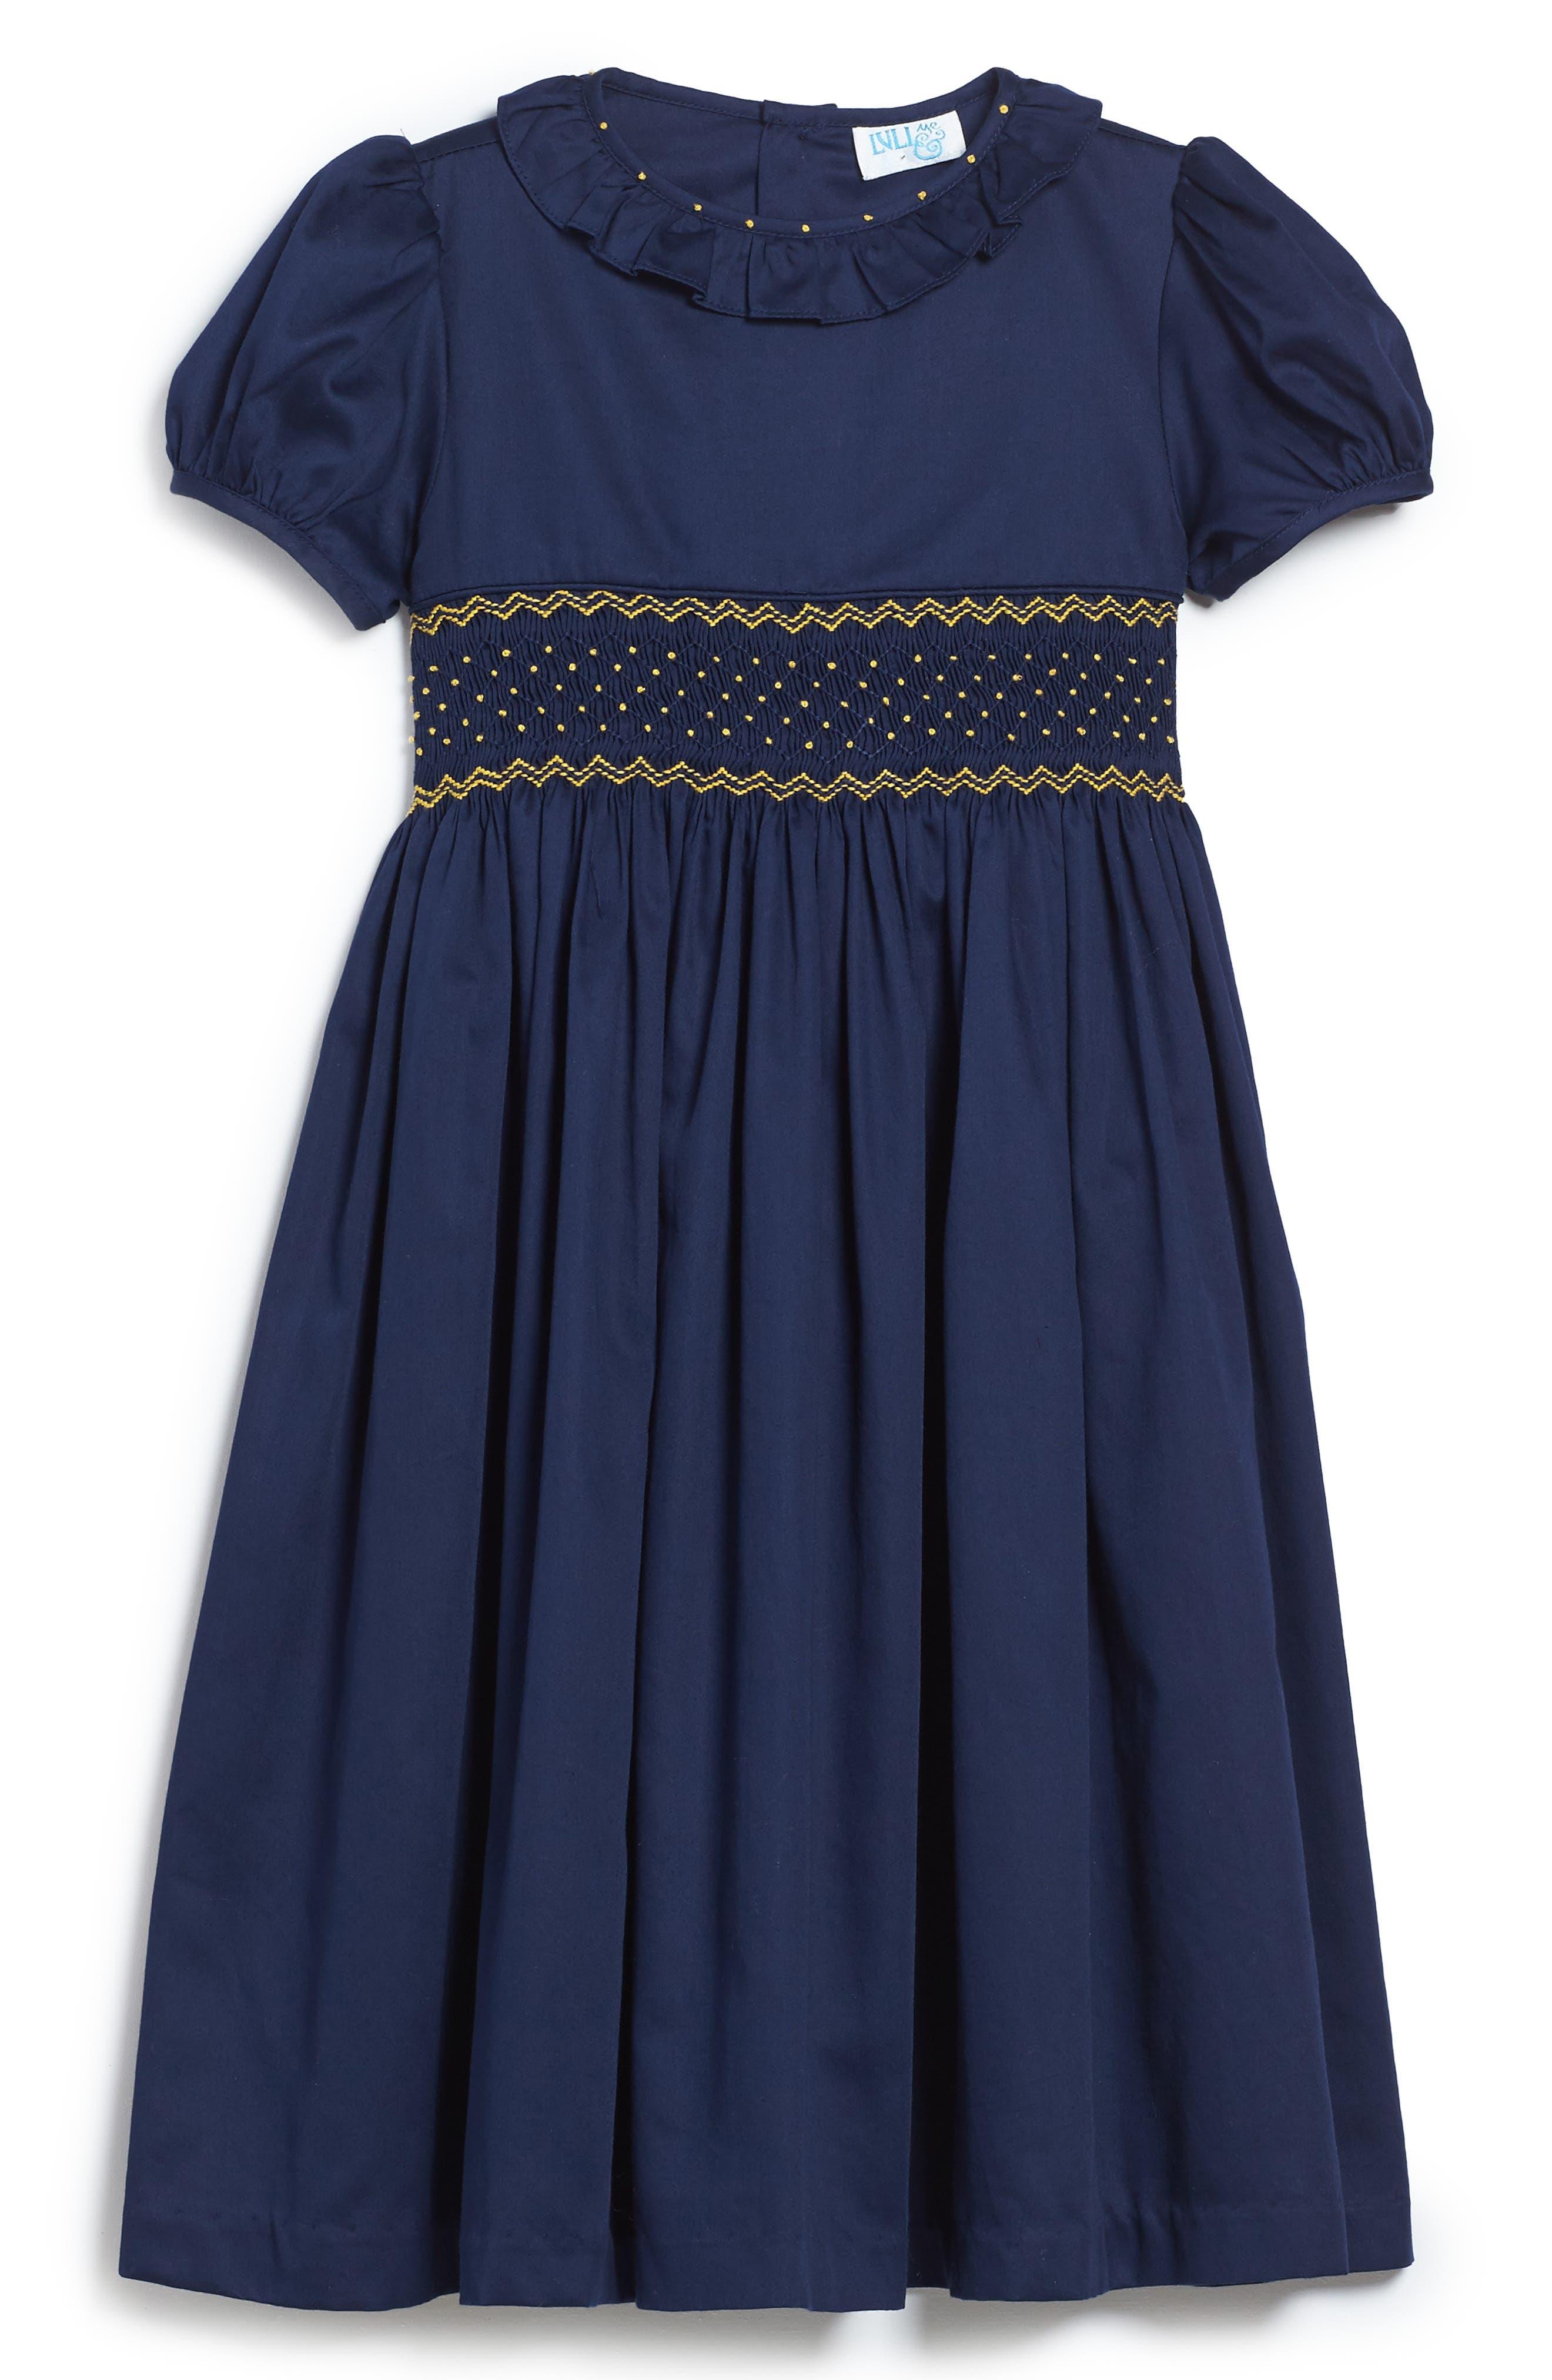 Smocked Dress,                             Main thumbnail 1, color,                             410